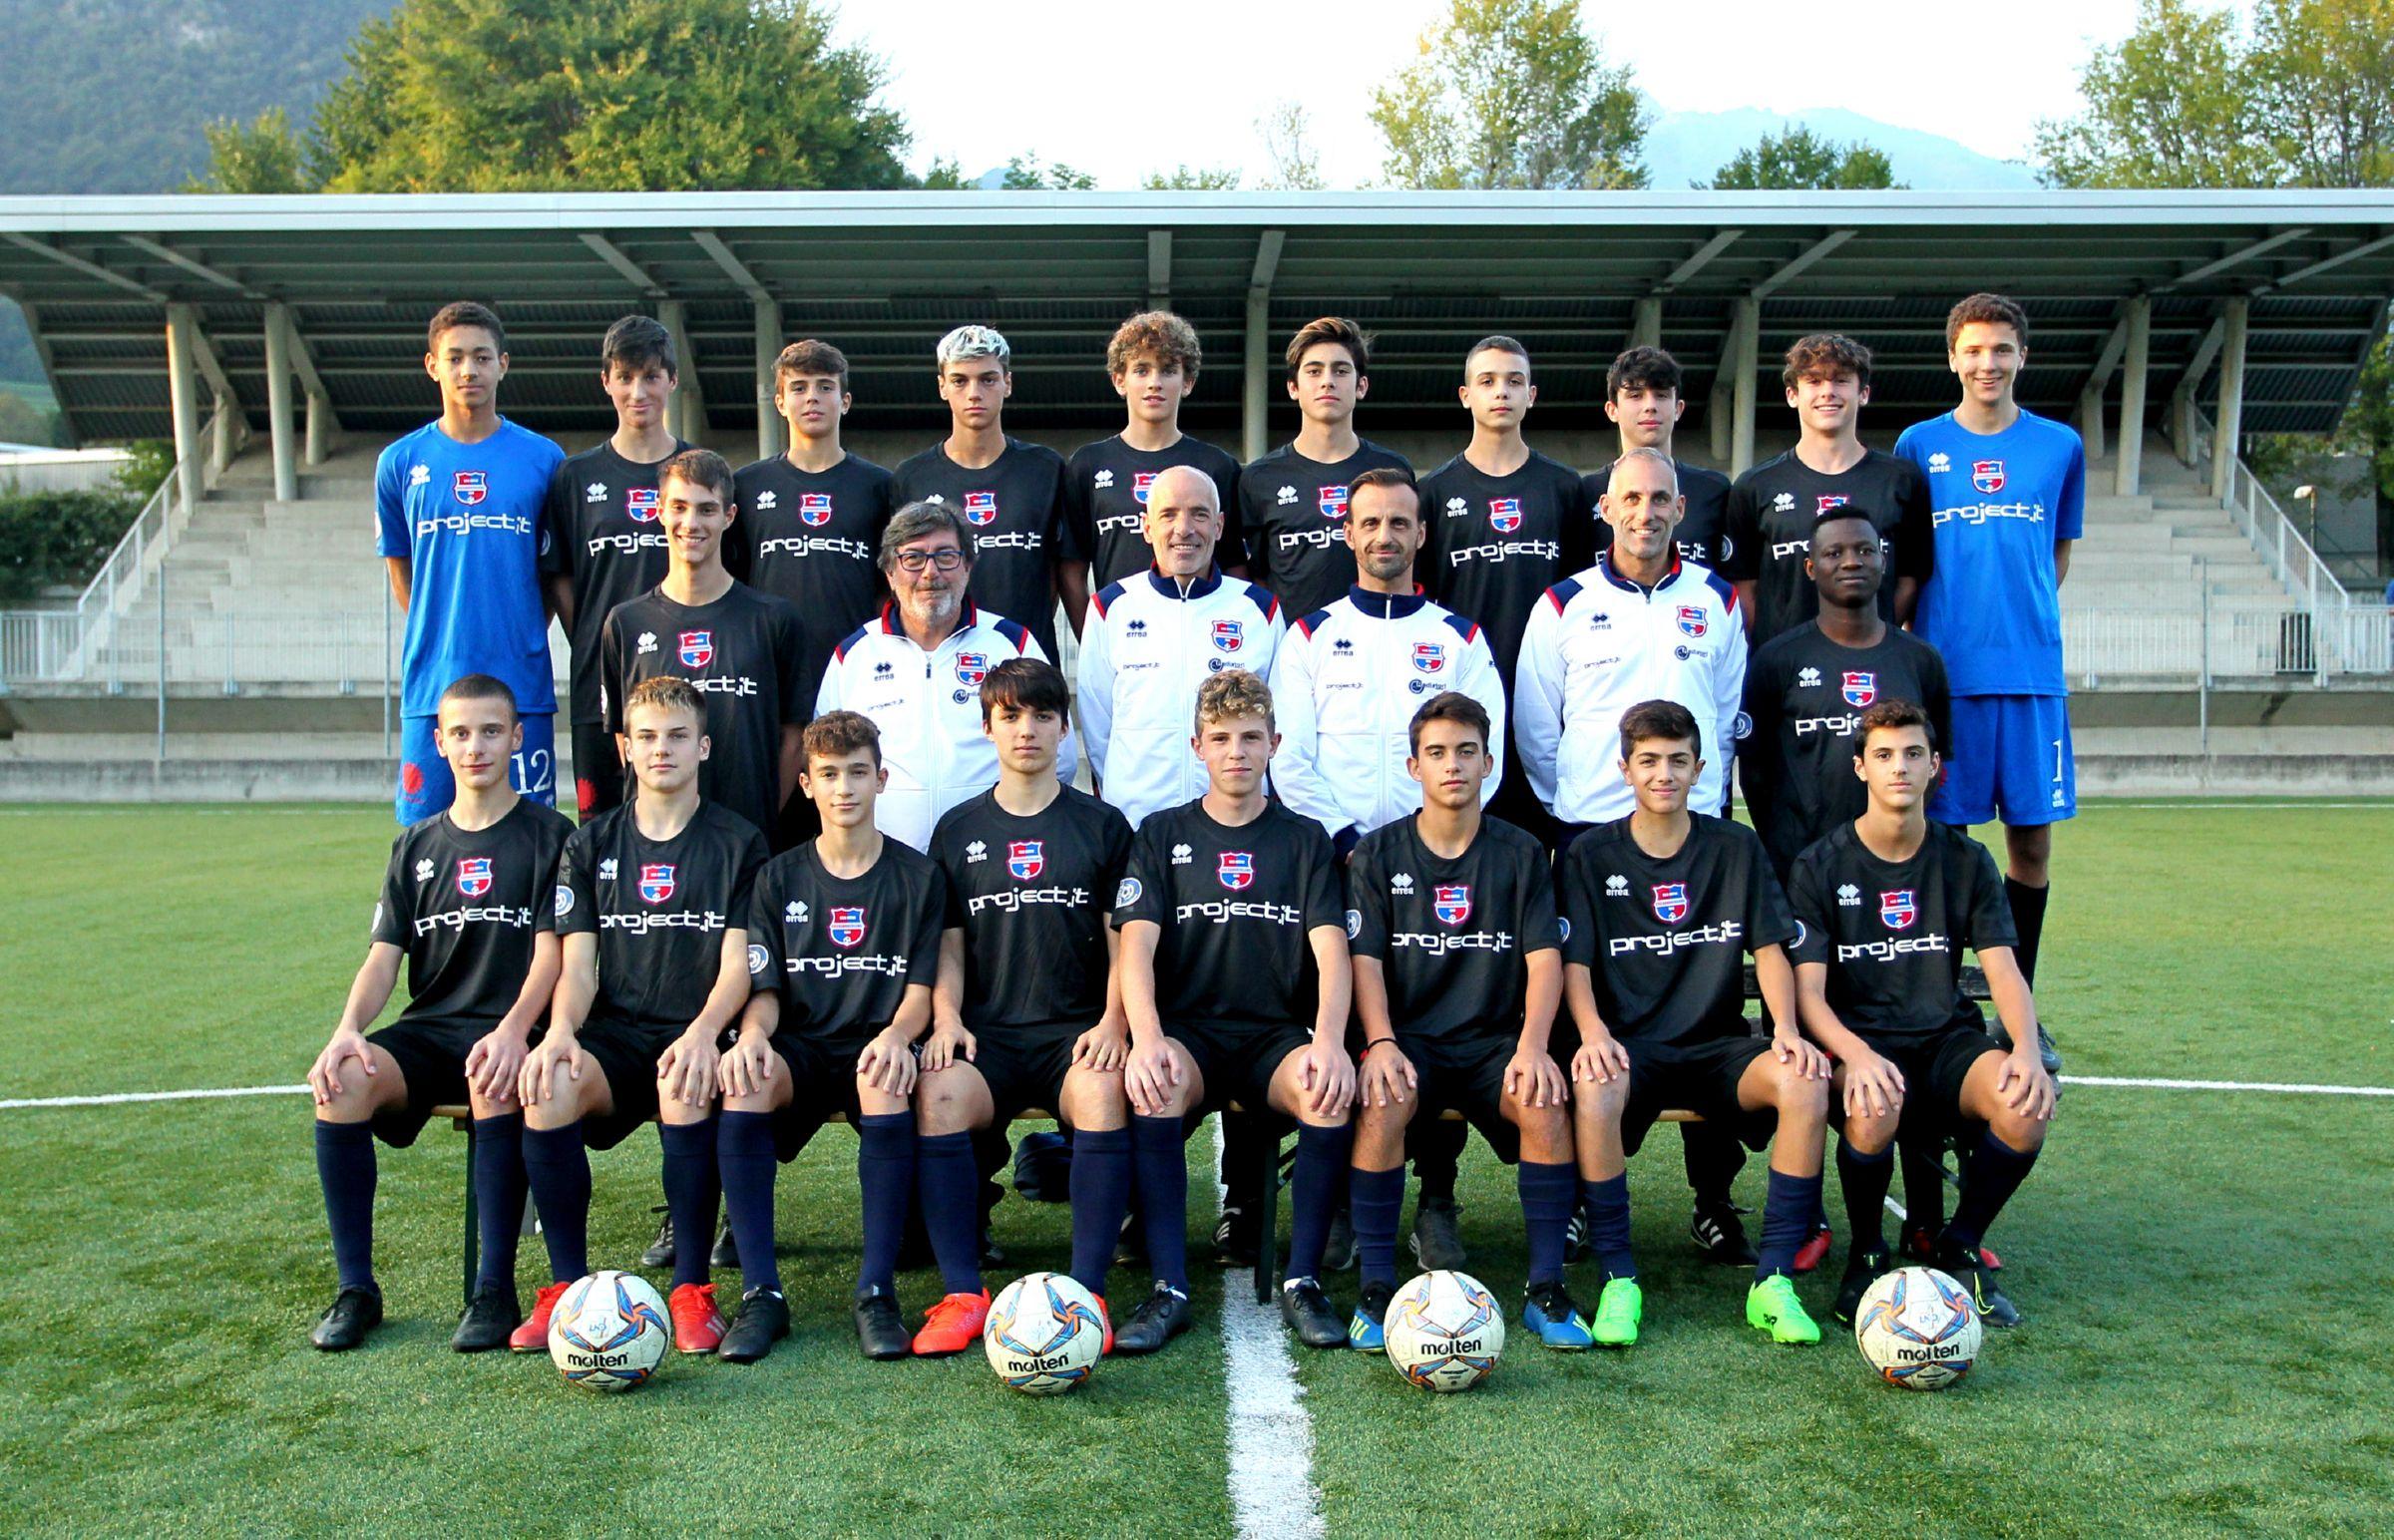 Migliori squadre giovanili 2019: nella classifica di Tuttocampo Under 16 e Under 15 Elite Virtus Ciserano Bergamo tra le migliori d'Italia